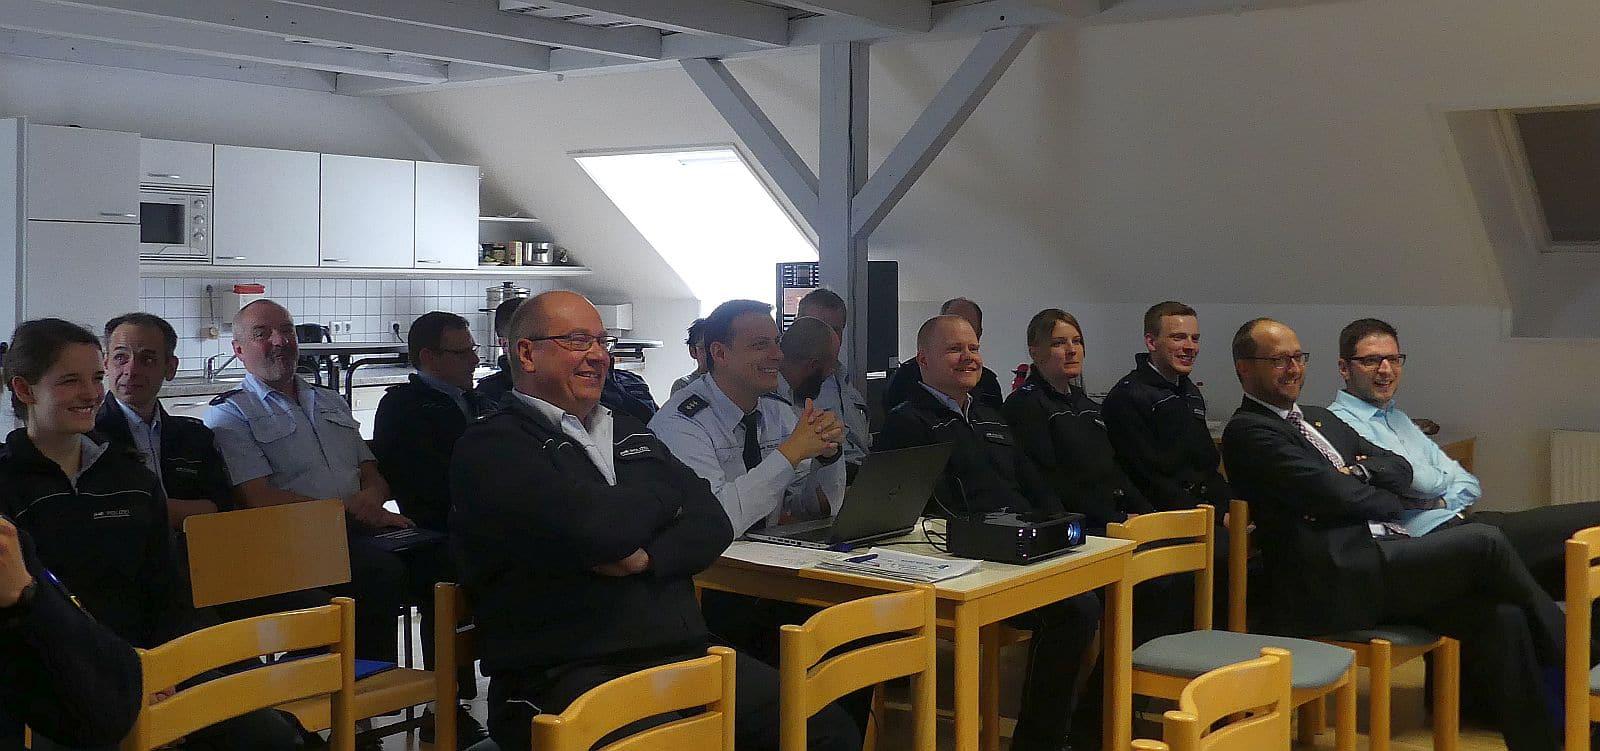 Fröhliche Gesichter angesichts hervorragender Zahlen: Polizeibeamte des Polizeireviers Schramberg, Oberbürgermeister Thomas Herzog und der neue Fachbereichsleiter für Recht und Sicherheit Matthias Rehfuß (ganz rechts).